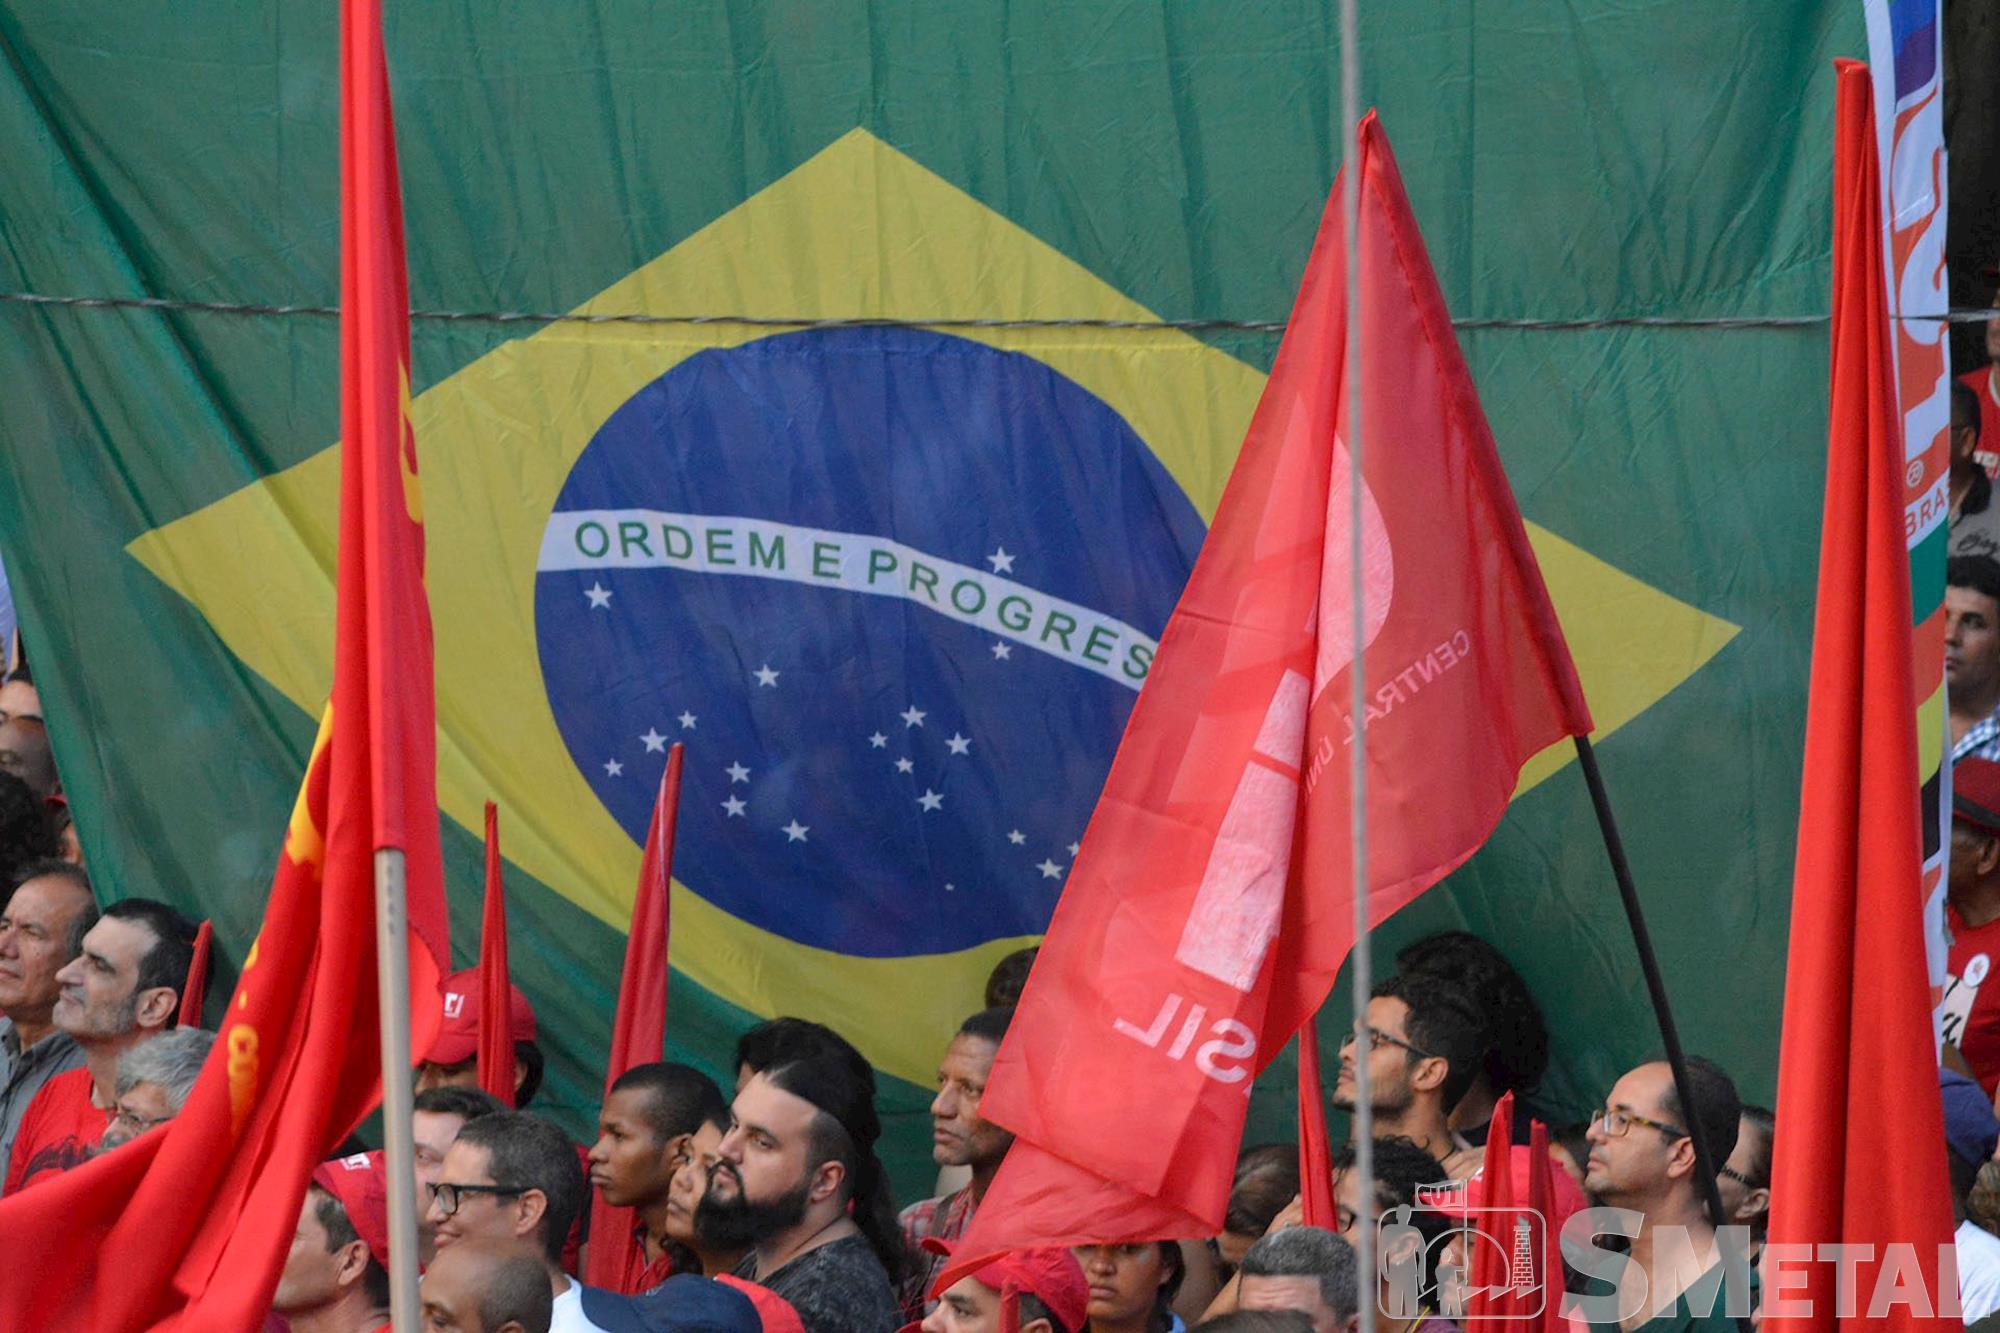 Ato em defesa da Democracia e do Lula, lula,  democracia, Foguinho/Imprensa SMetal, Lula discursa para cerca de 50 mil pessoas na Praça da República